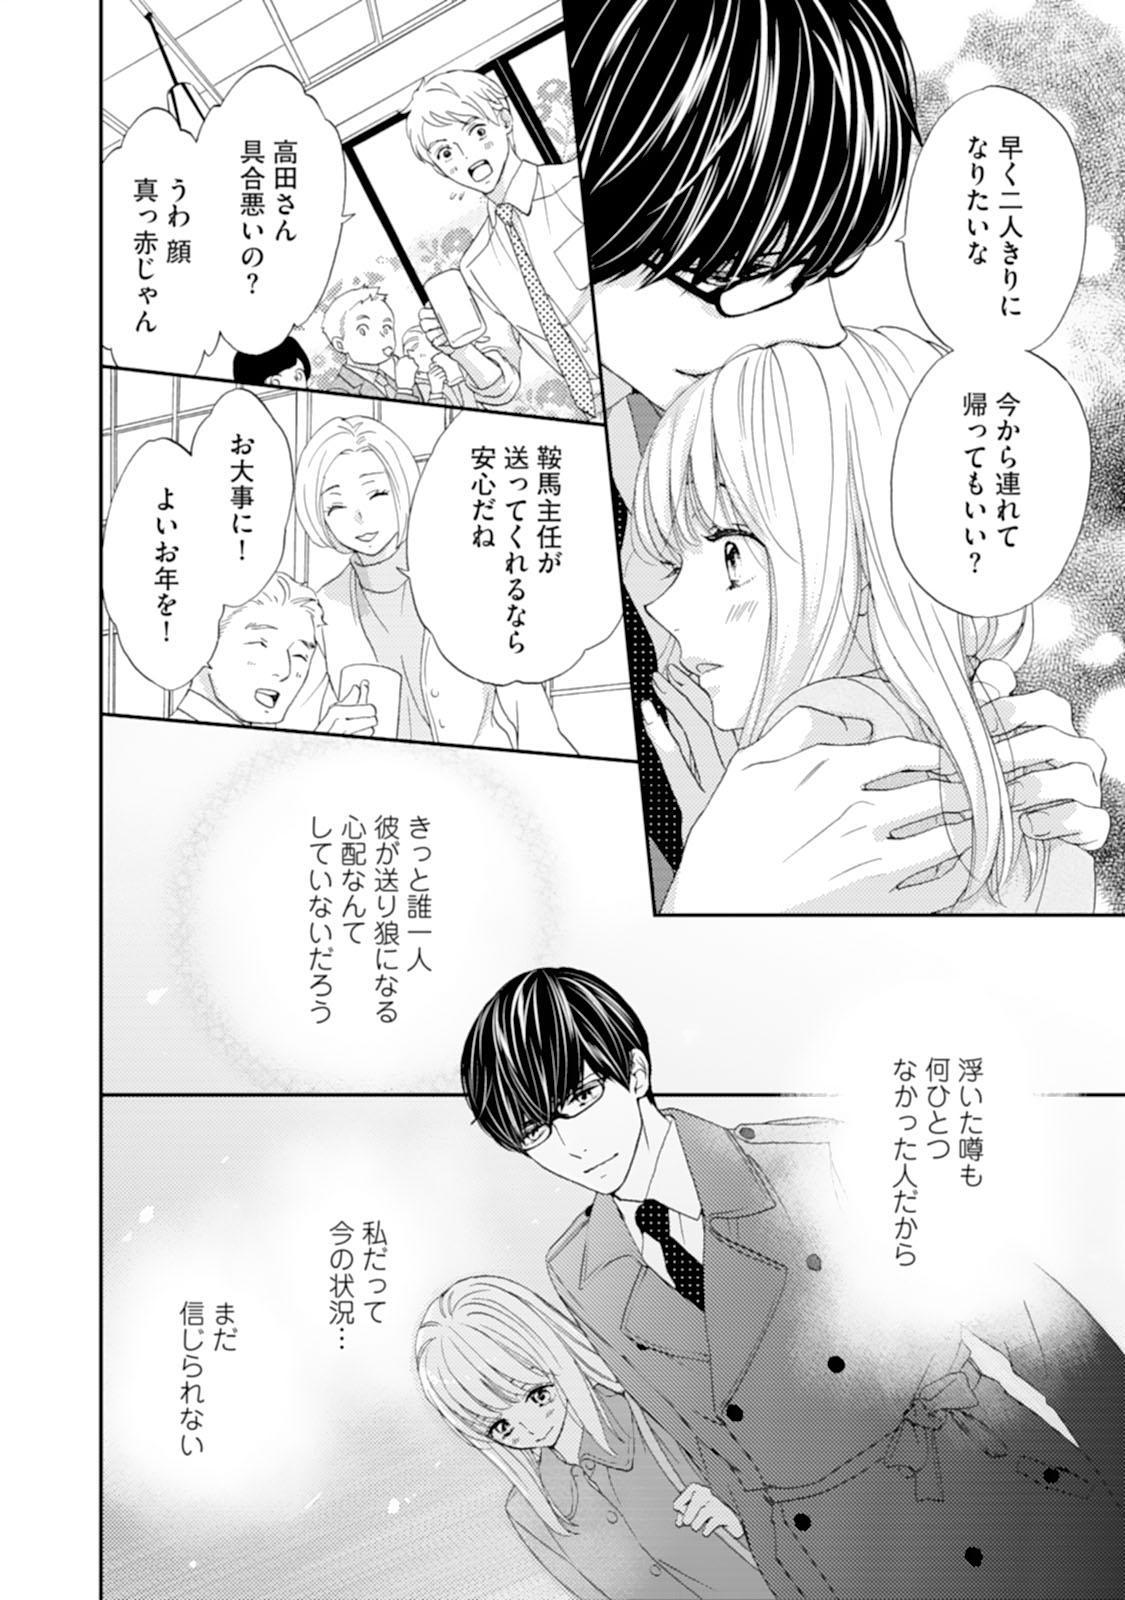 [Adumi Yuu] Choukyou-kei Danshi Ookami-sama to Koneko-chan Ch. 1-3 36